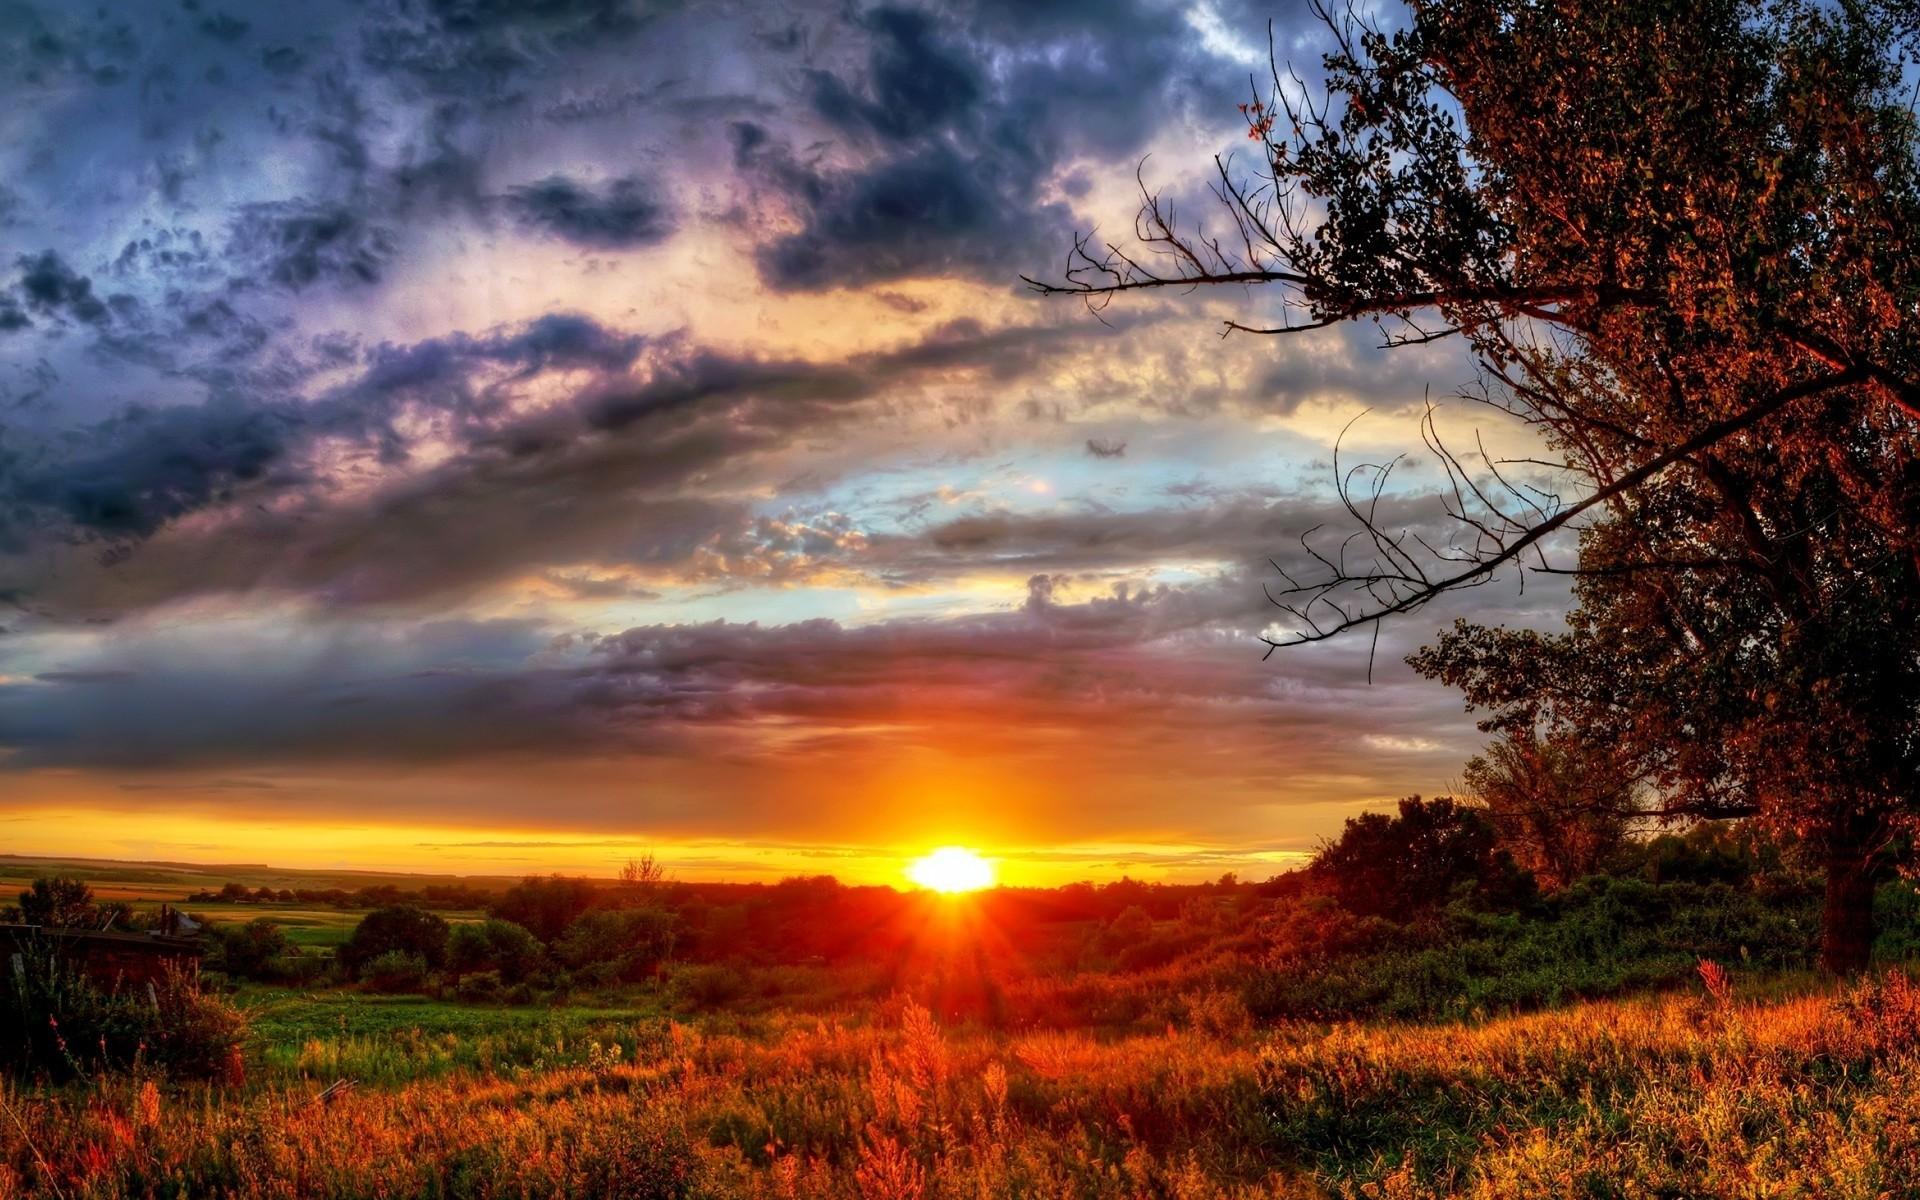 Wallpaper Gorgeous Autumn Sunset – HD Wallpaper Expert